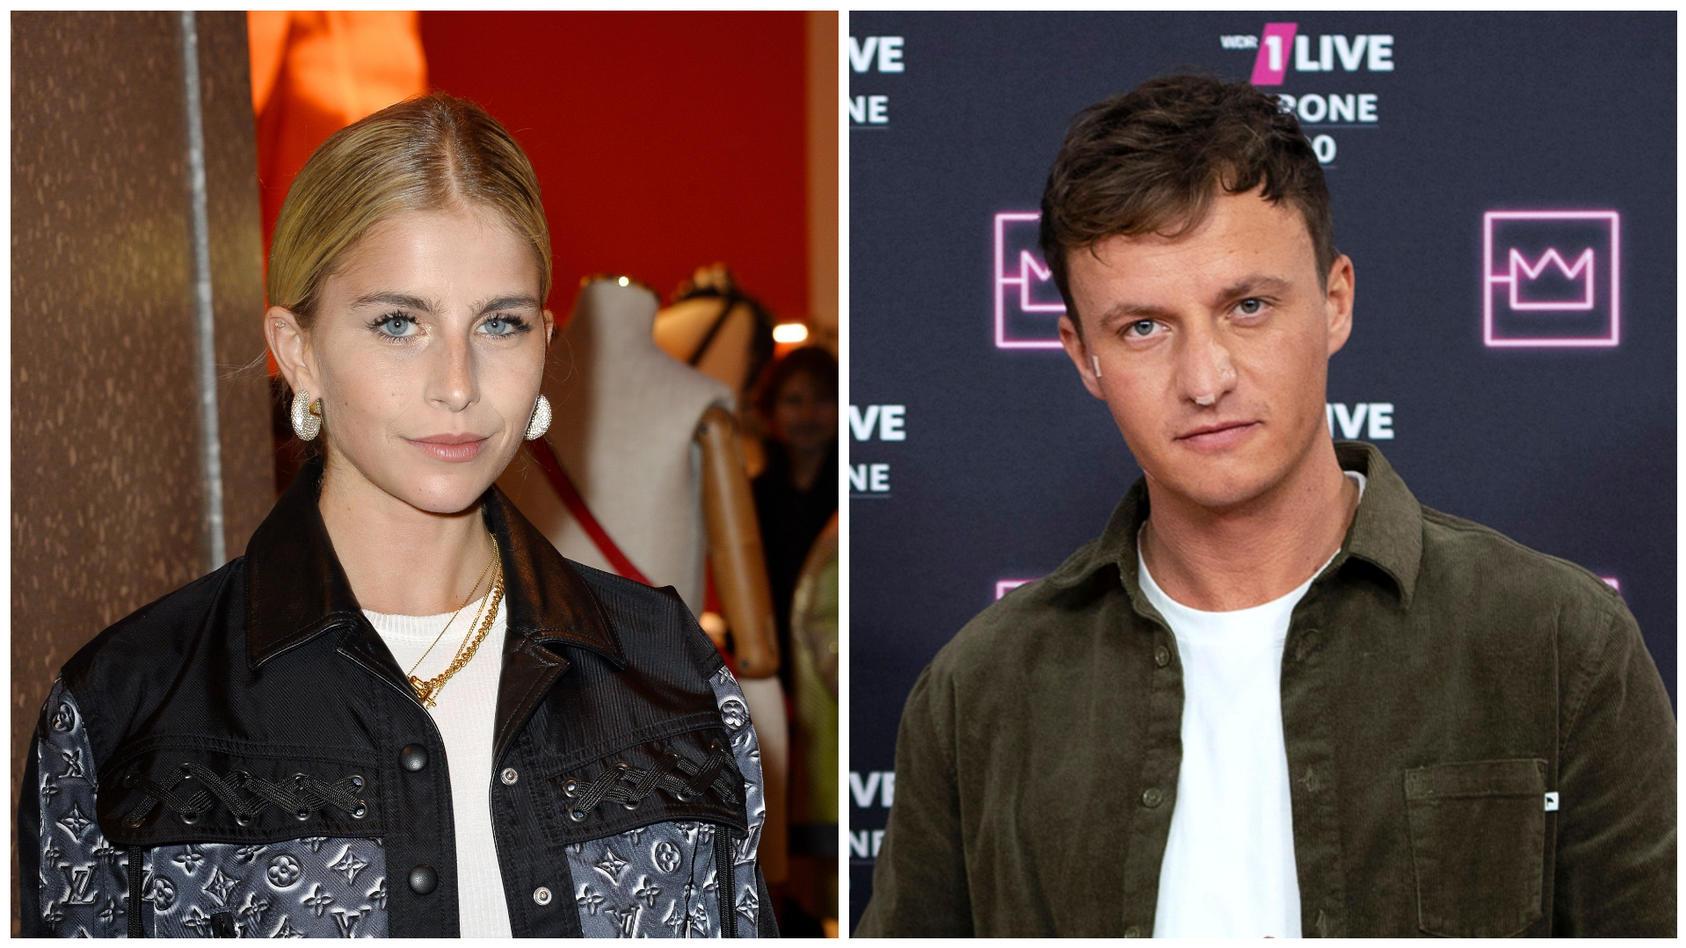 Fans munkeln schon lange: Model und Bloggerin Caro Daur und Autor und Podcaster Tommi Schmitt sollen ein Paar sein.